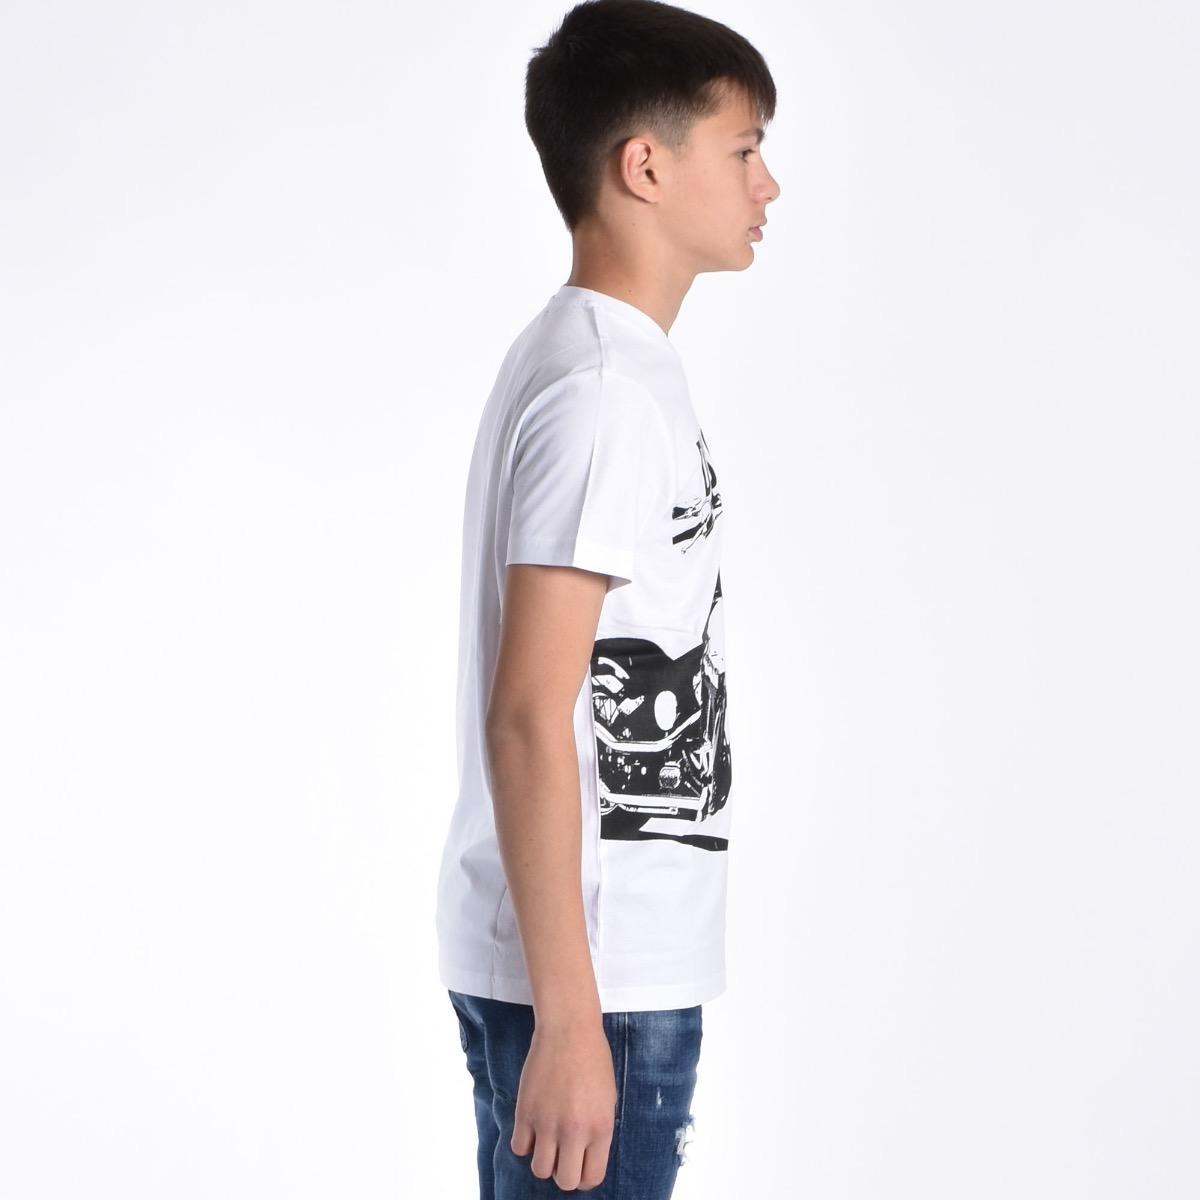 T-shirt stampa moto - Bianca